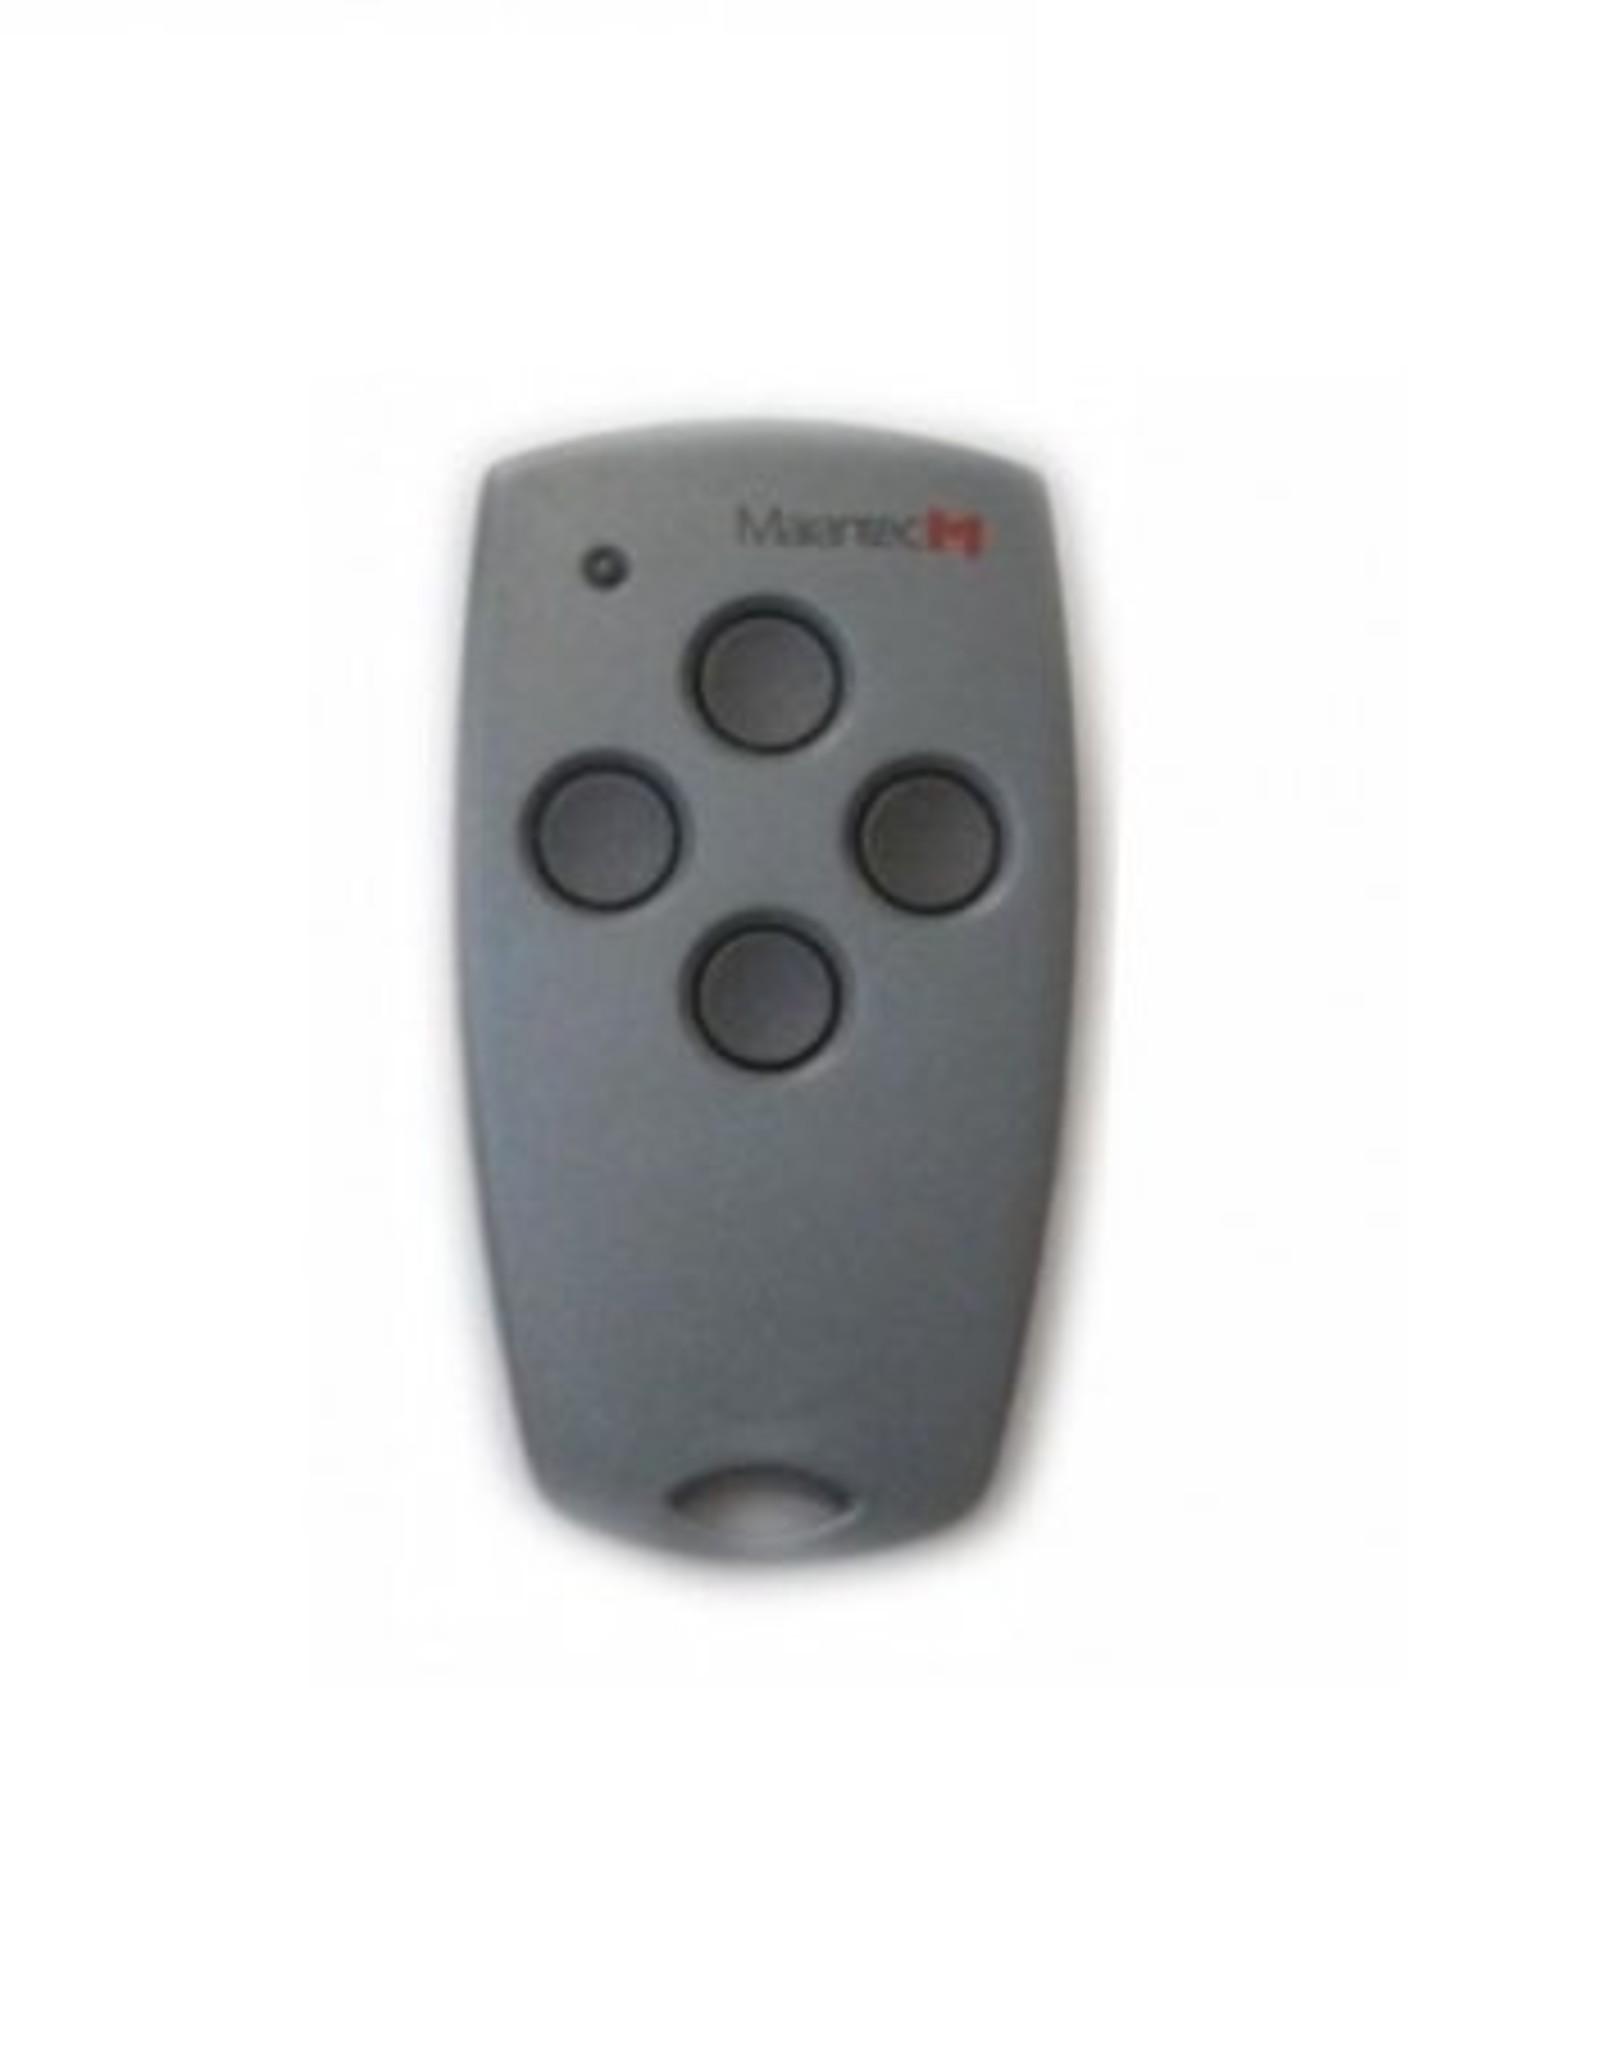 Marantec Marantec Digital 304 - 4 kanaals handzender - 433 MHz met Multi-bit codering